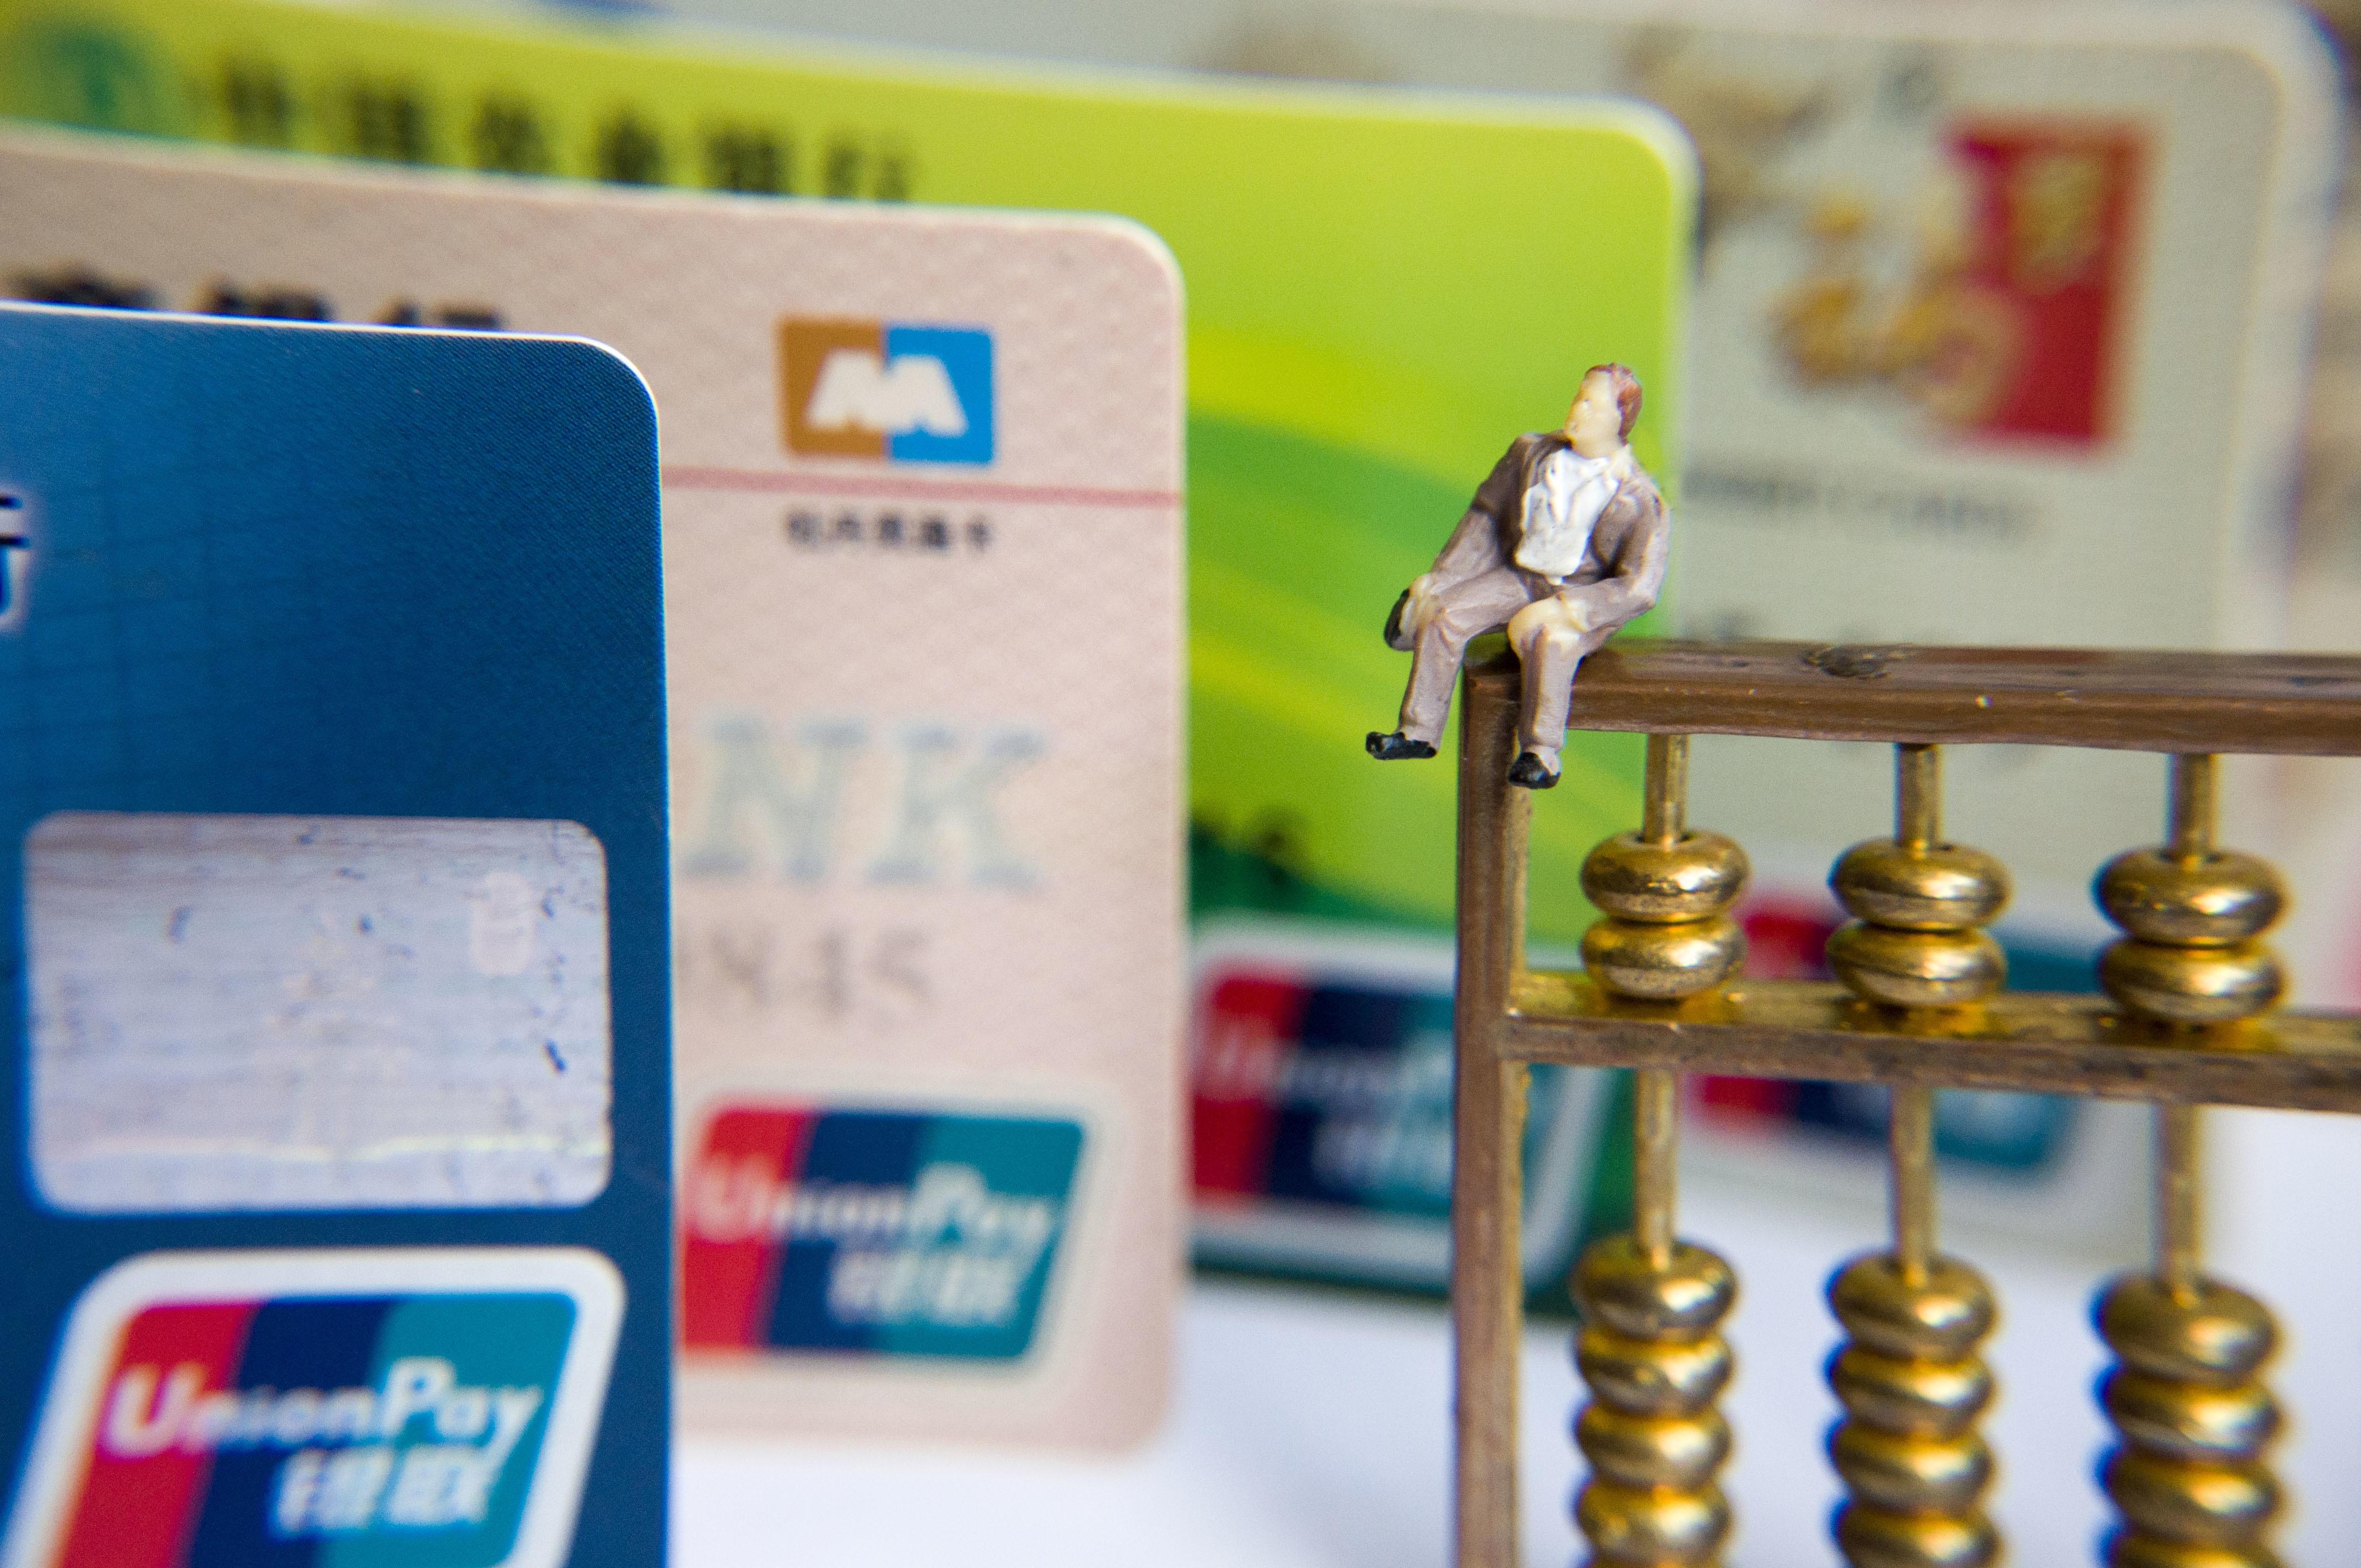 信用卡疯狂提额到20万!揭秘各家银行的提额内幕……